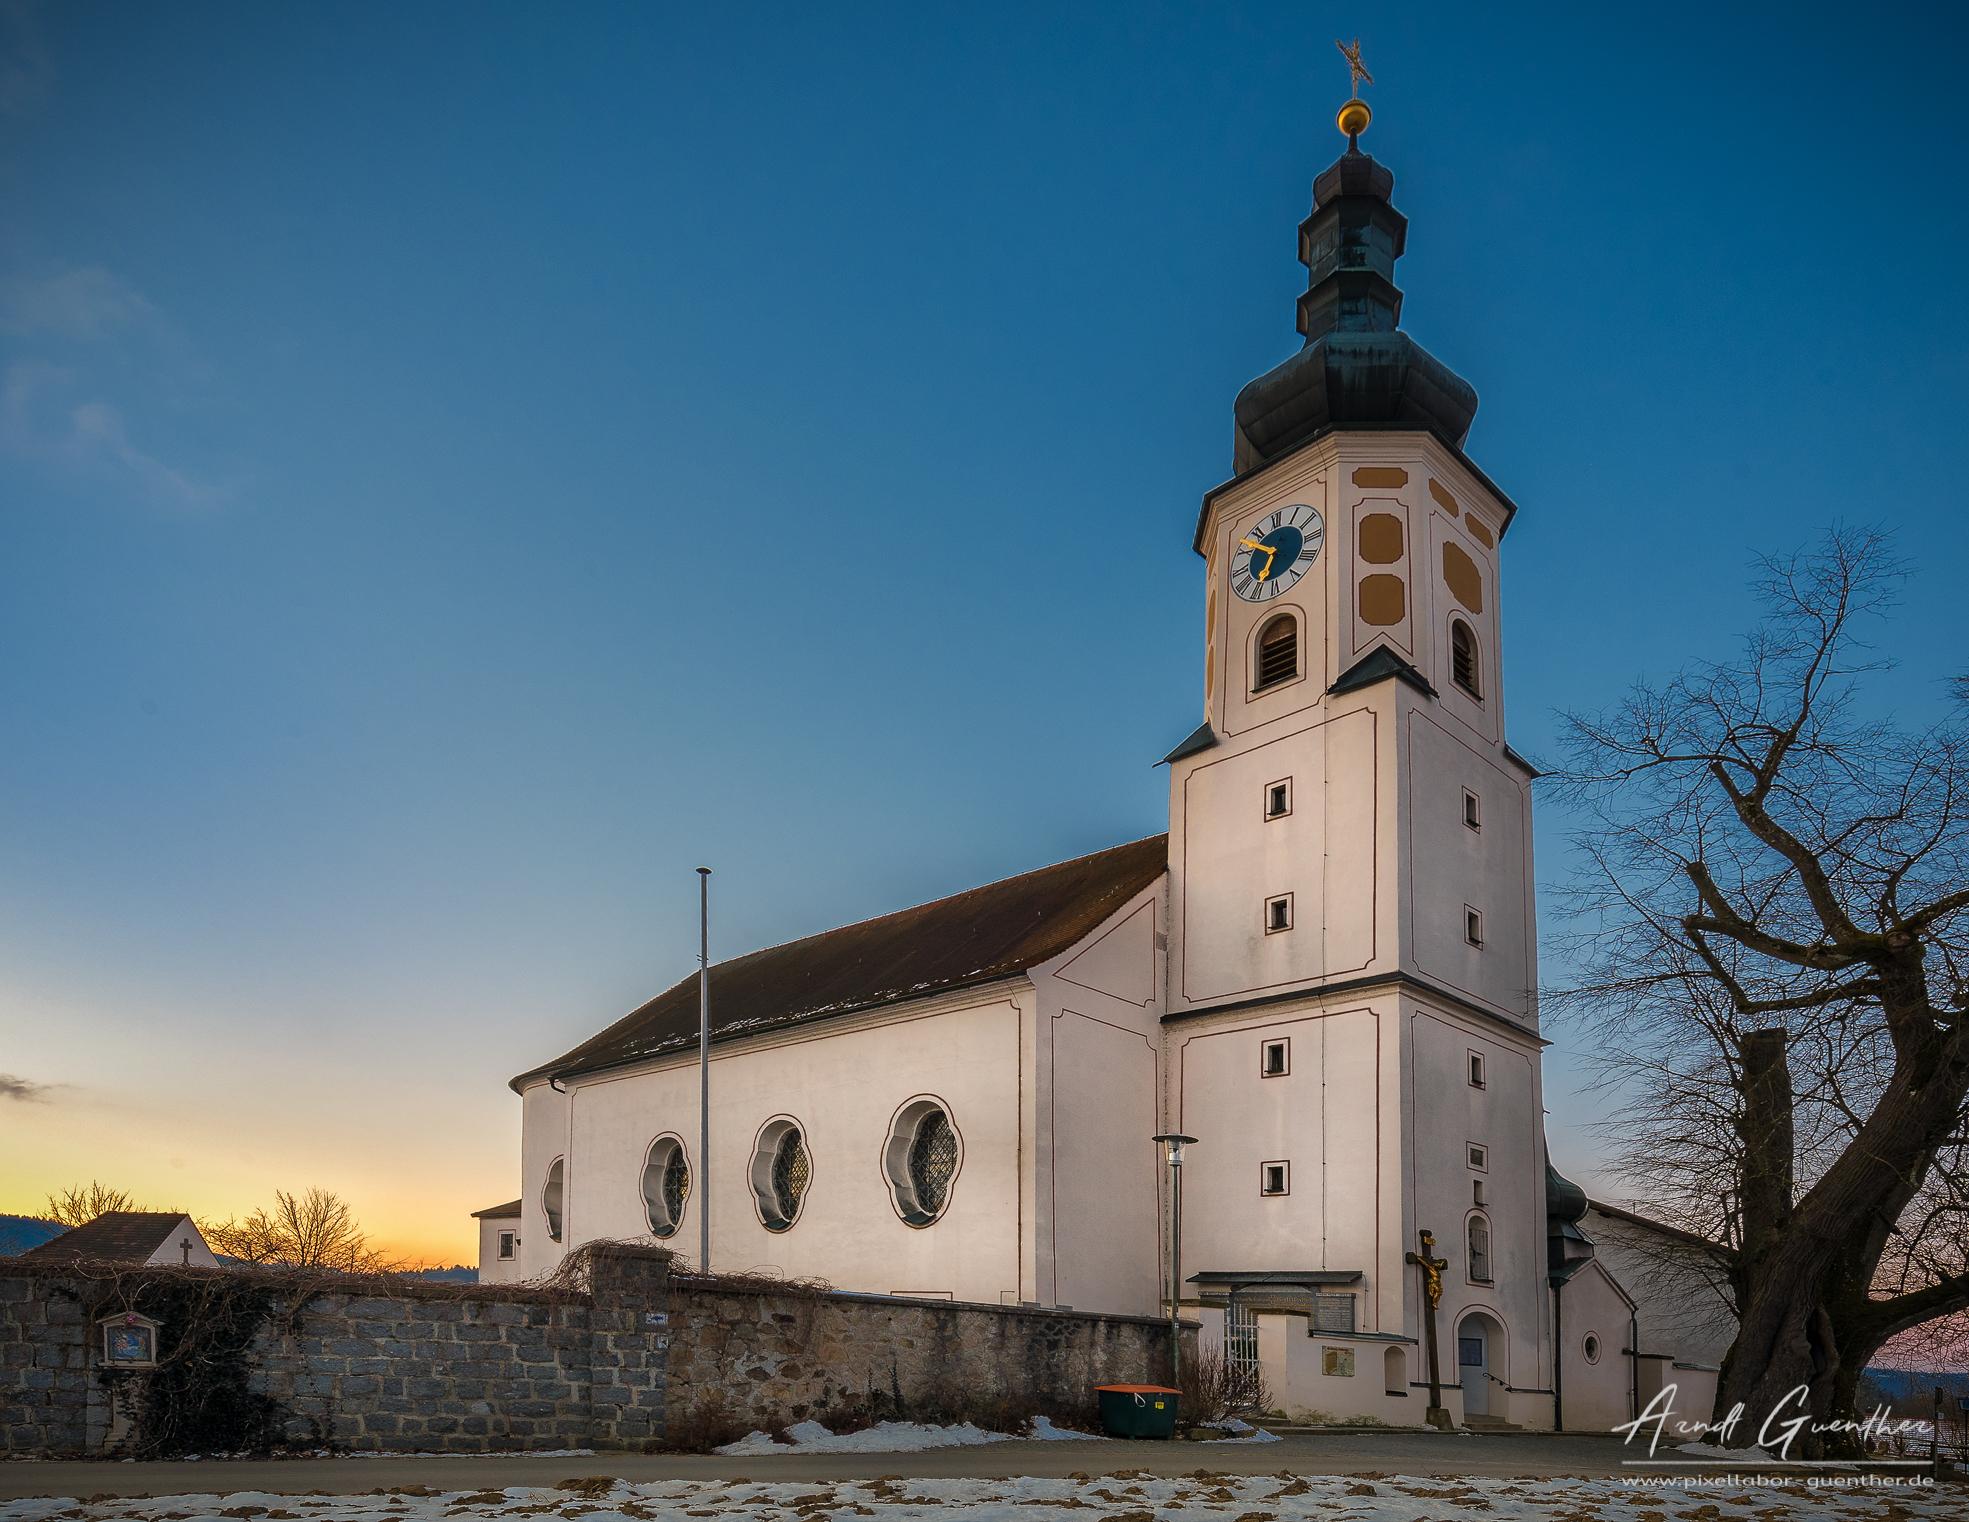 Wallfahrtskirche Mariä Himmelfahrt, Germany